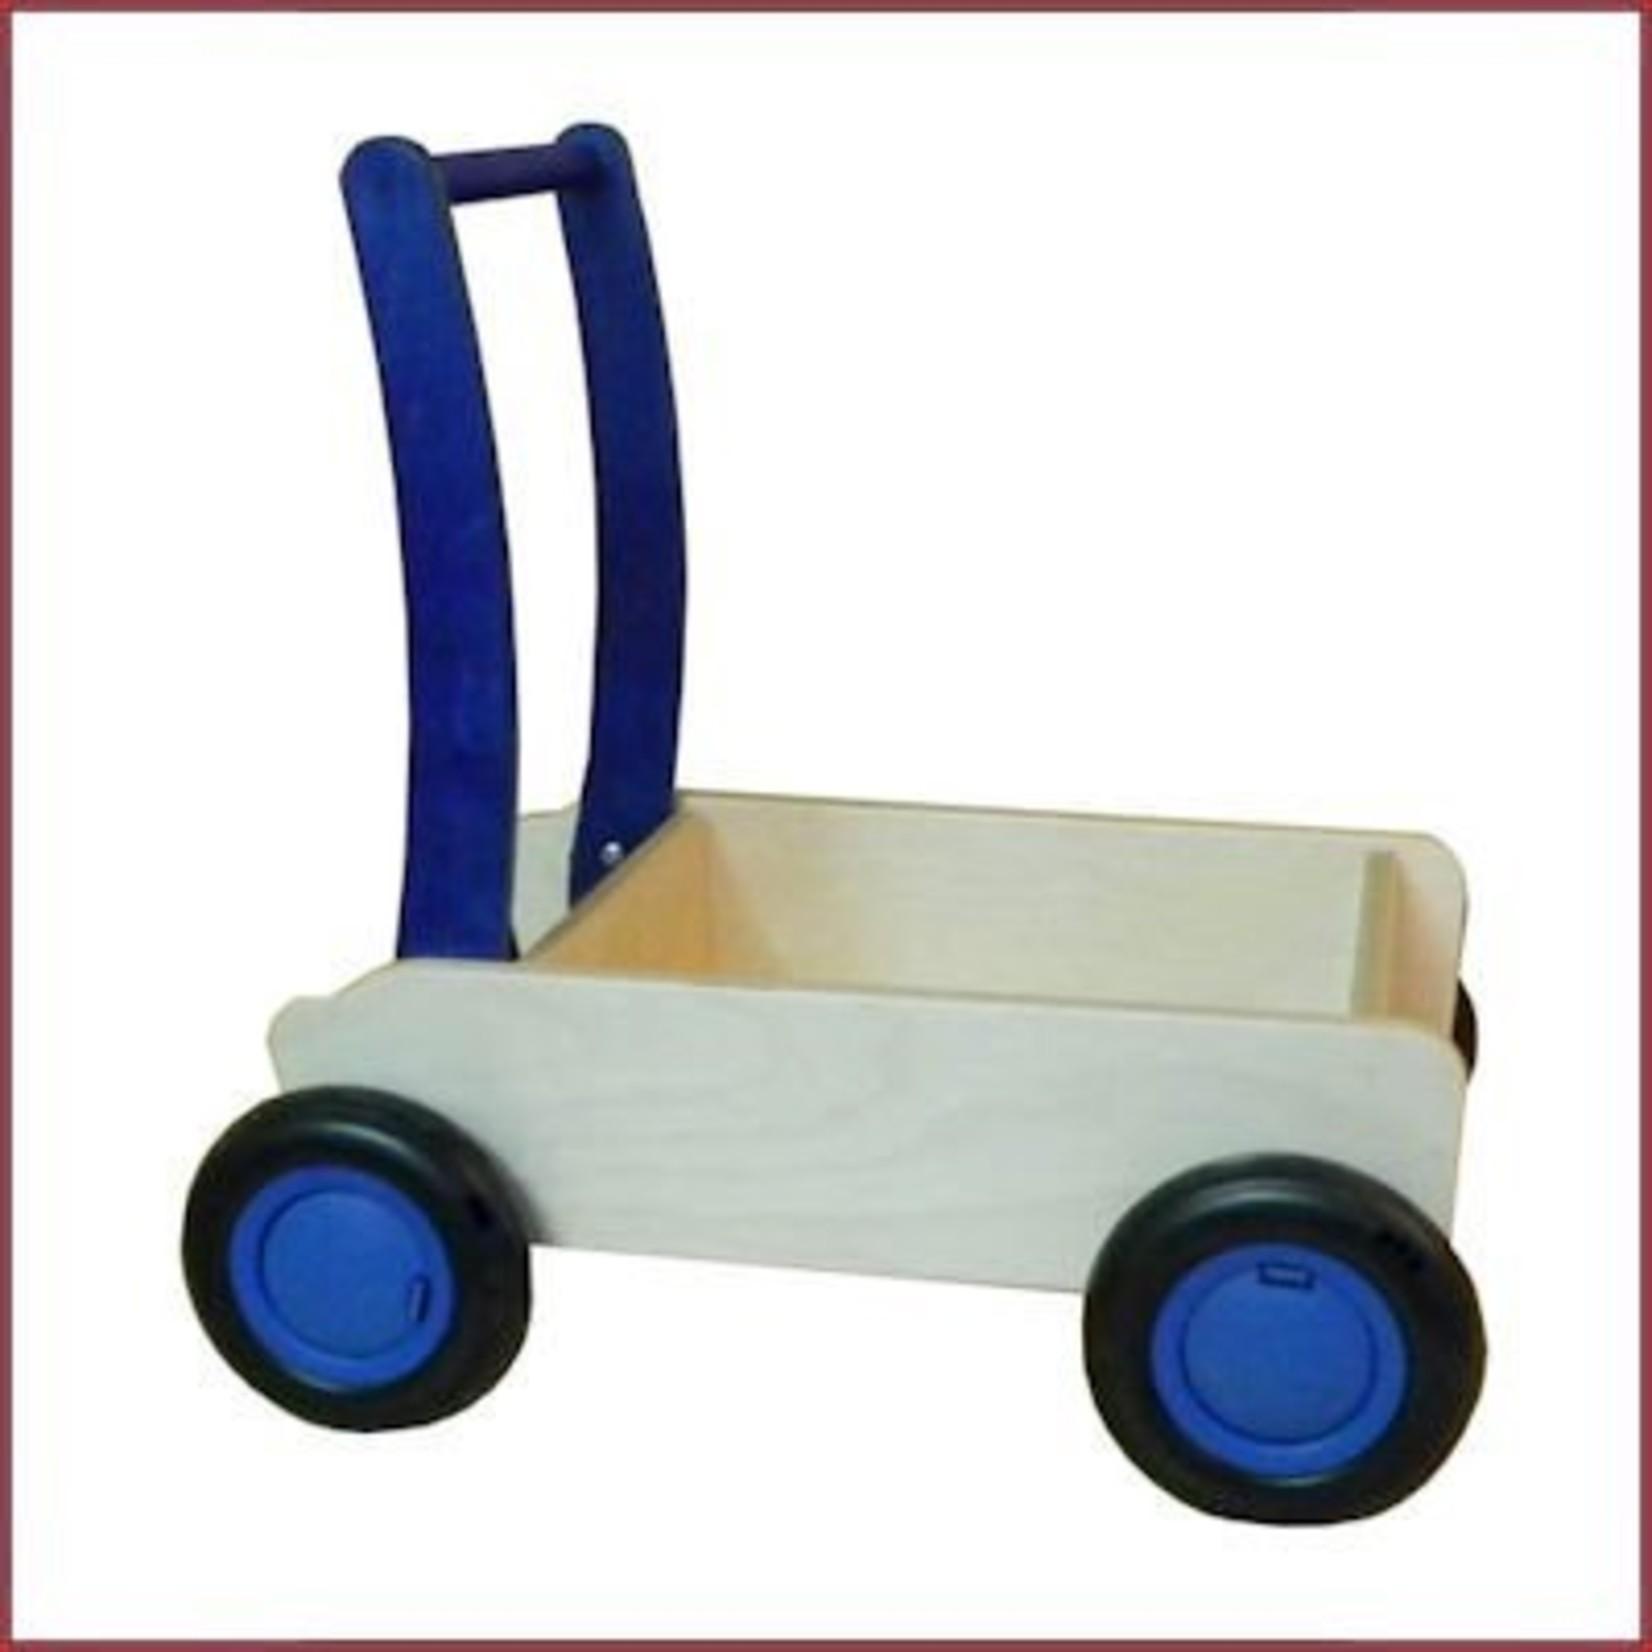 Van Dijk Toys Stoere Houten Loopwagen/duwkar Blauw